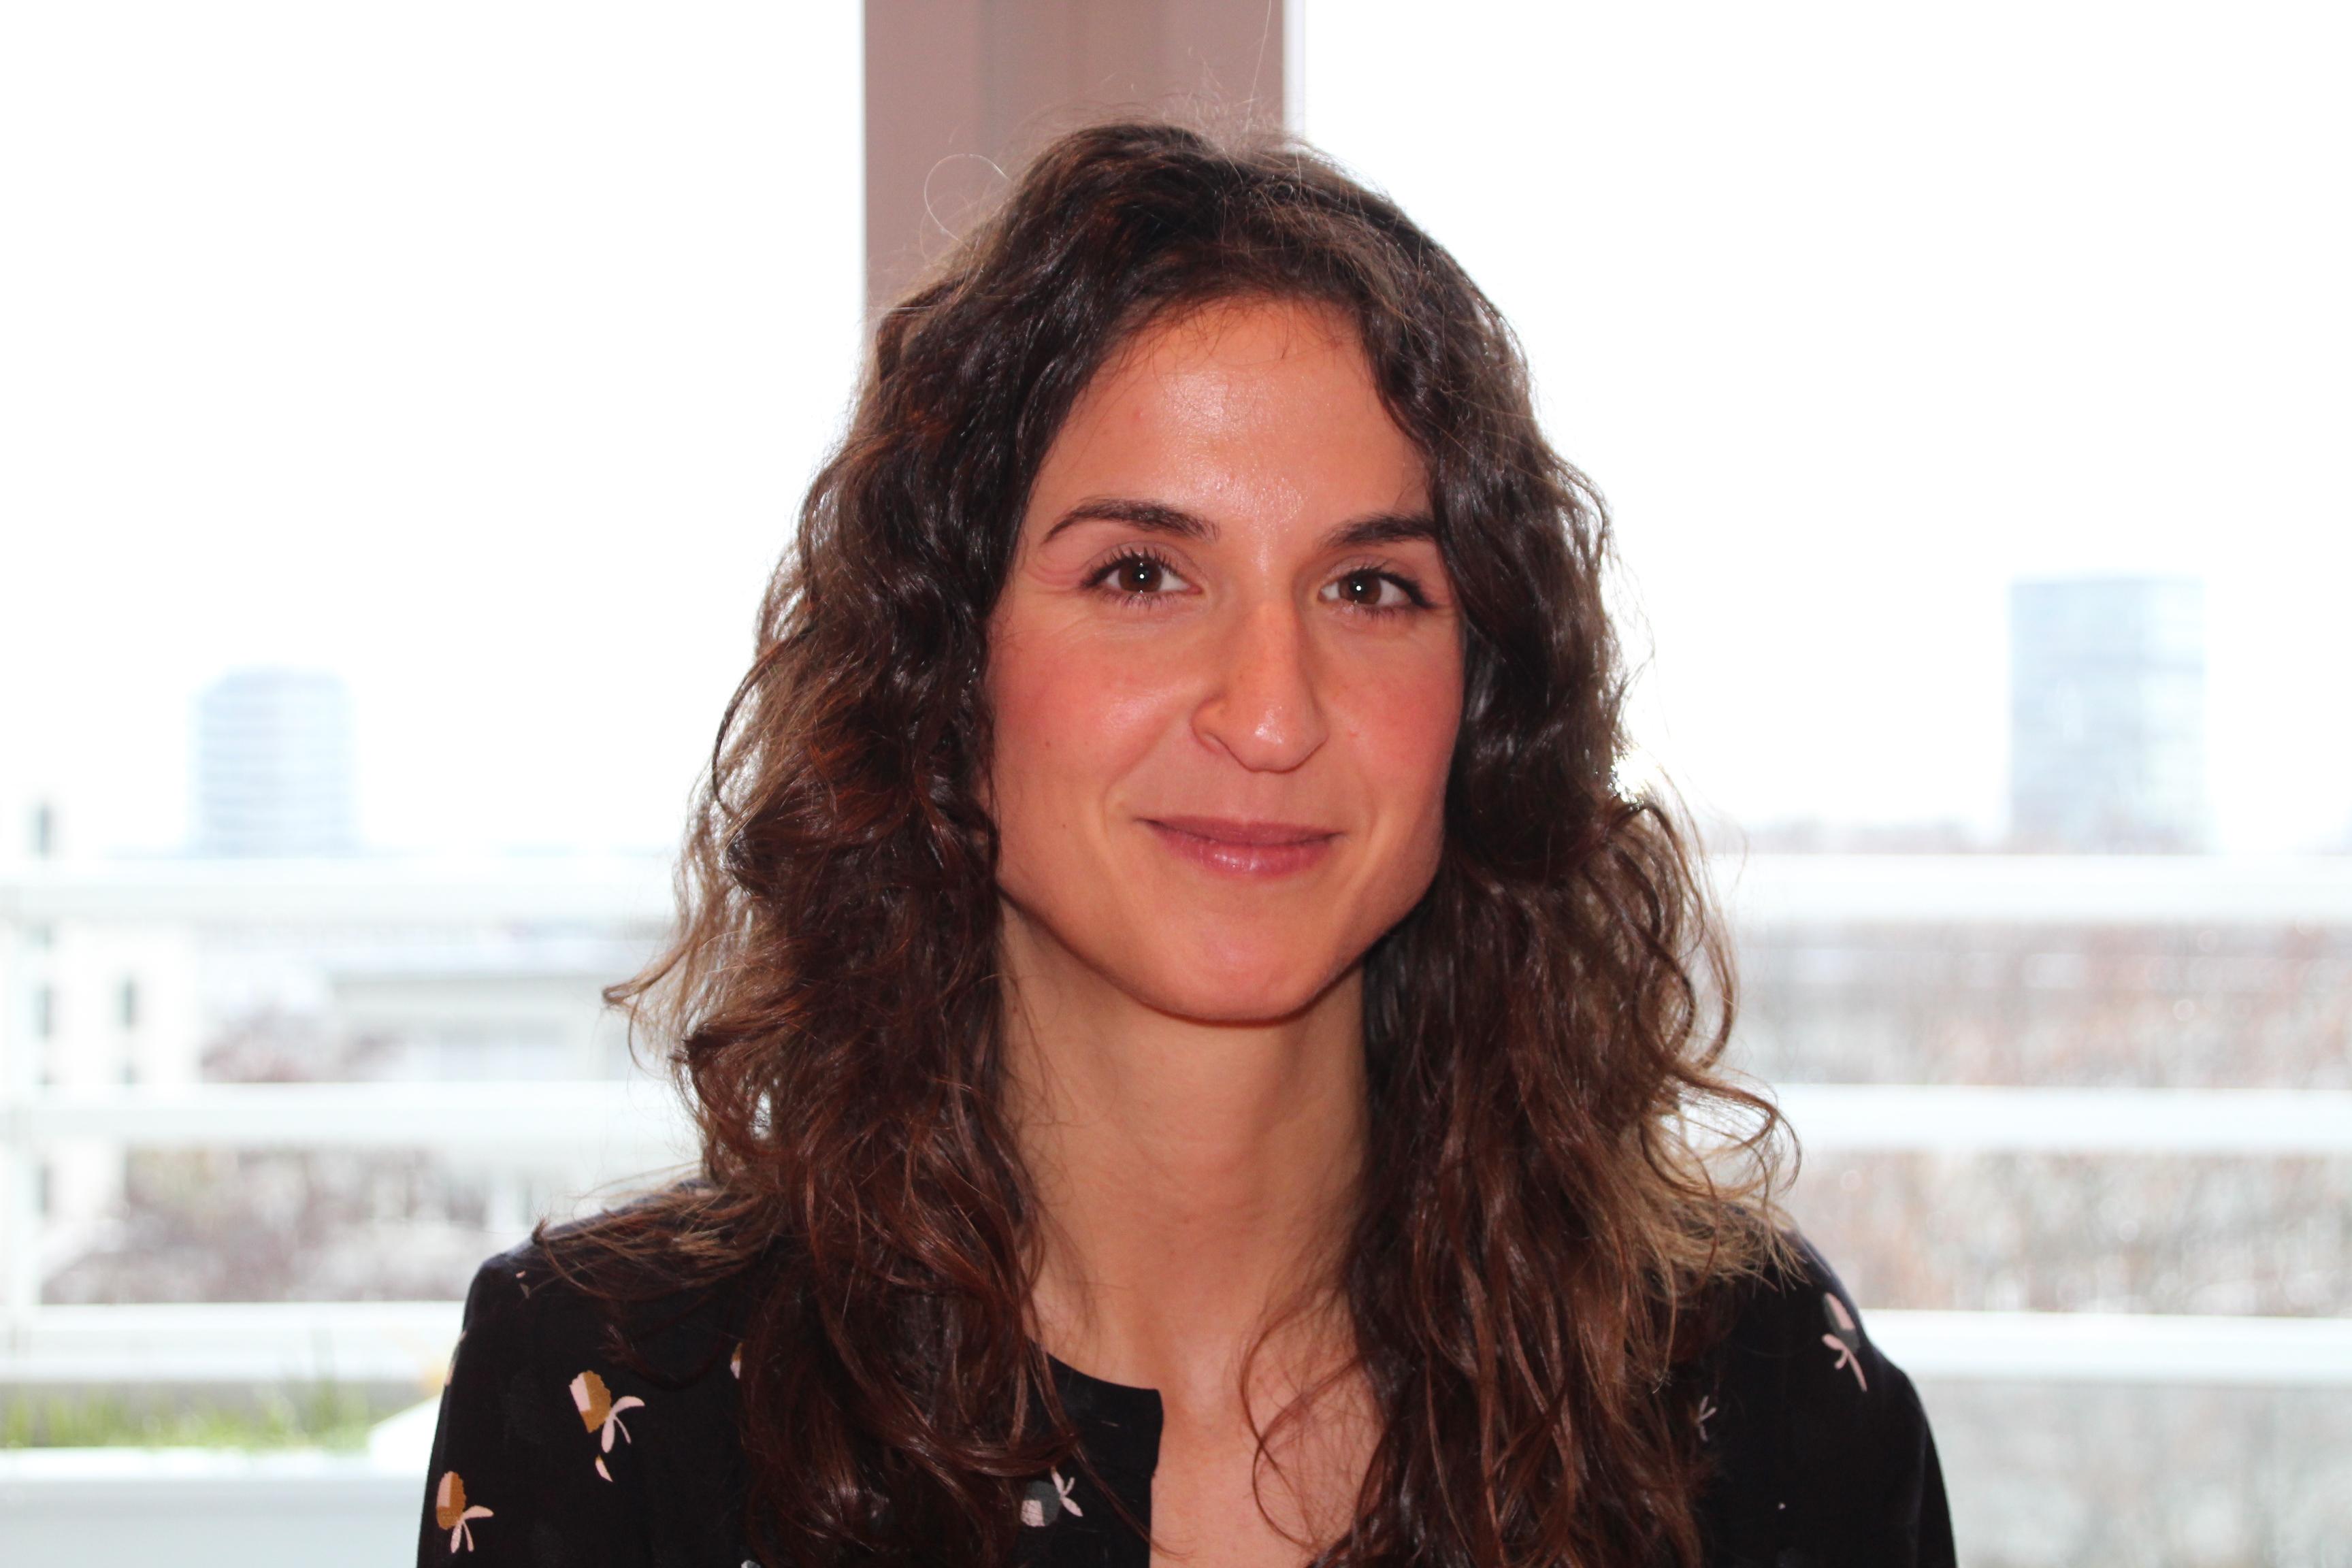 Sarah Antenore hat auch einen italienischen Pass und stammt aus Lecce in Apulien.